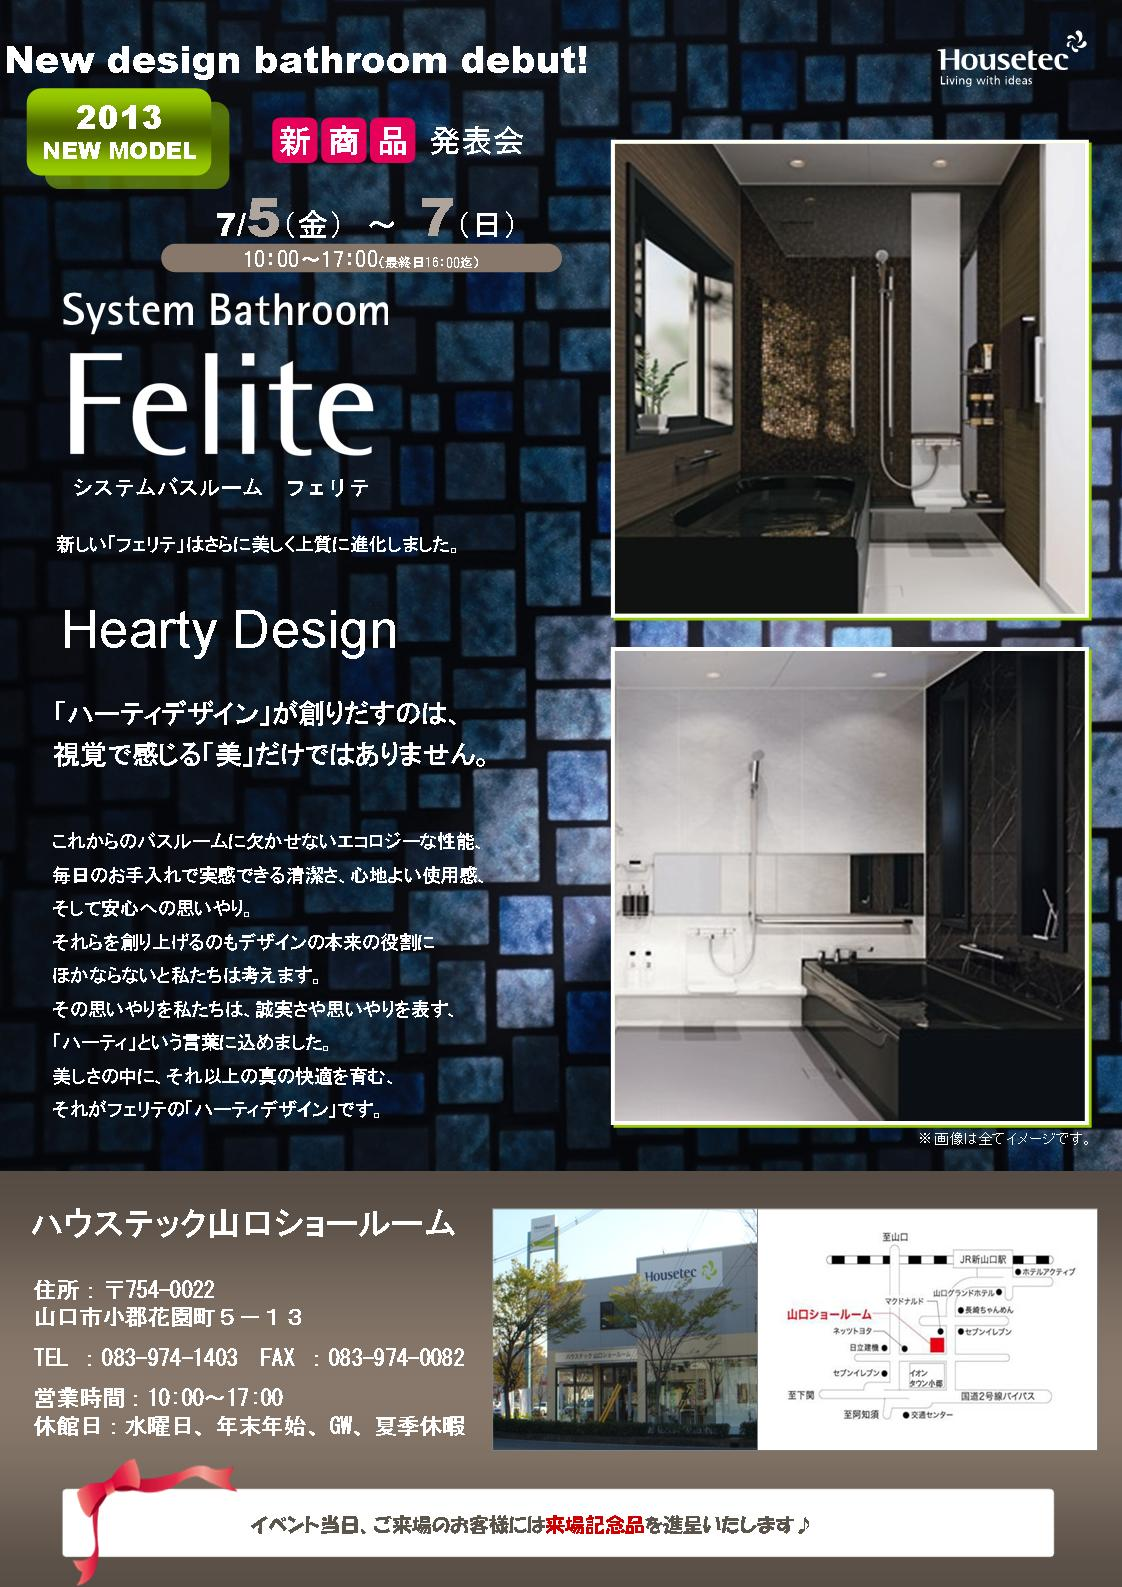 新商品発表2013